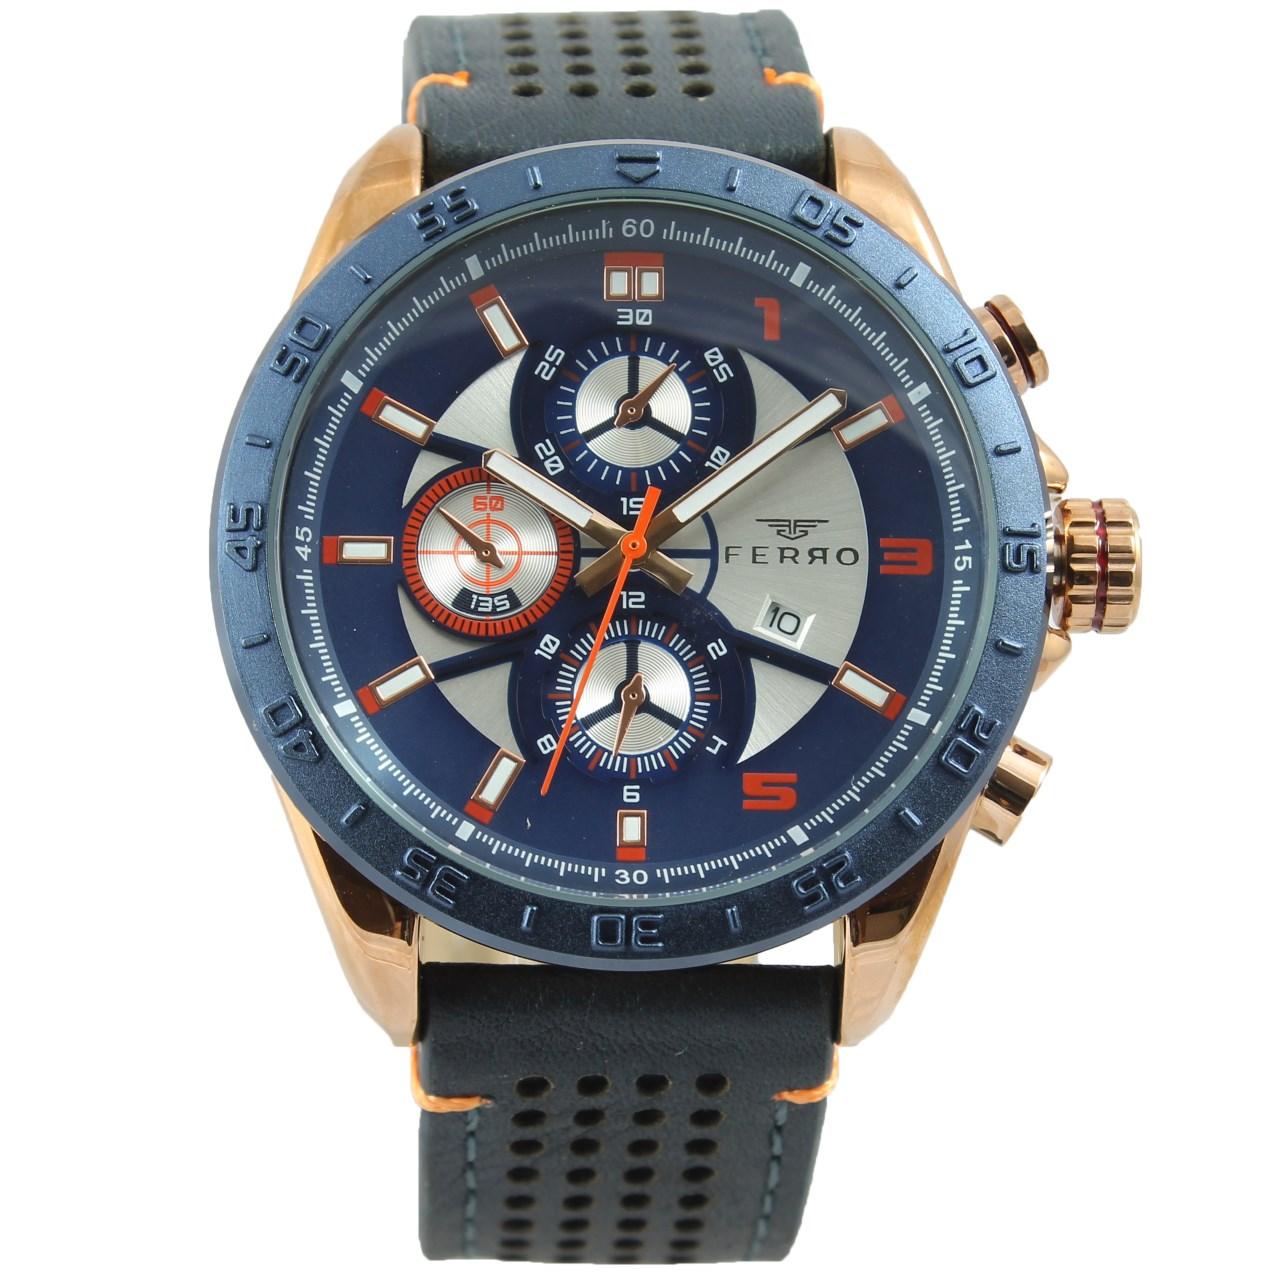 ساعت مچی عقربه ای مردانه فرو مدل F61540-543-T